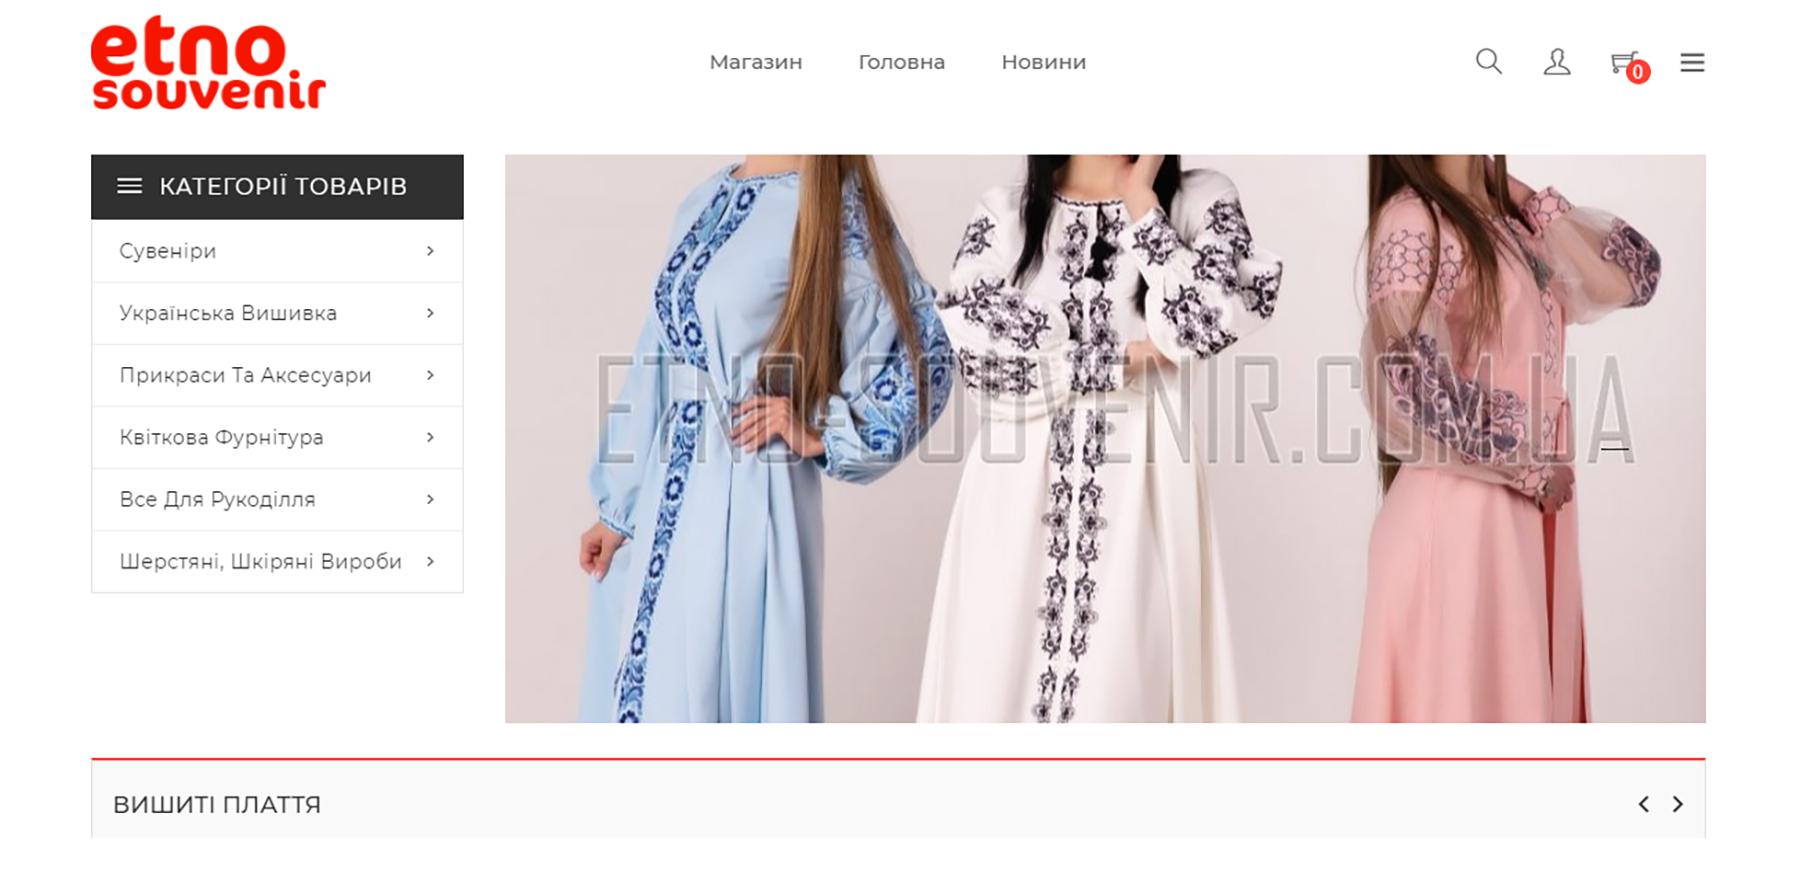 Створення інтернет-магазину Etno Souvenir